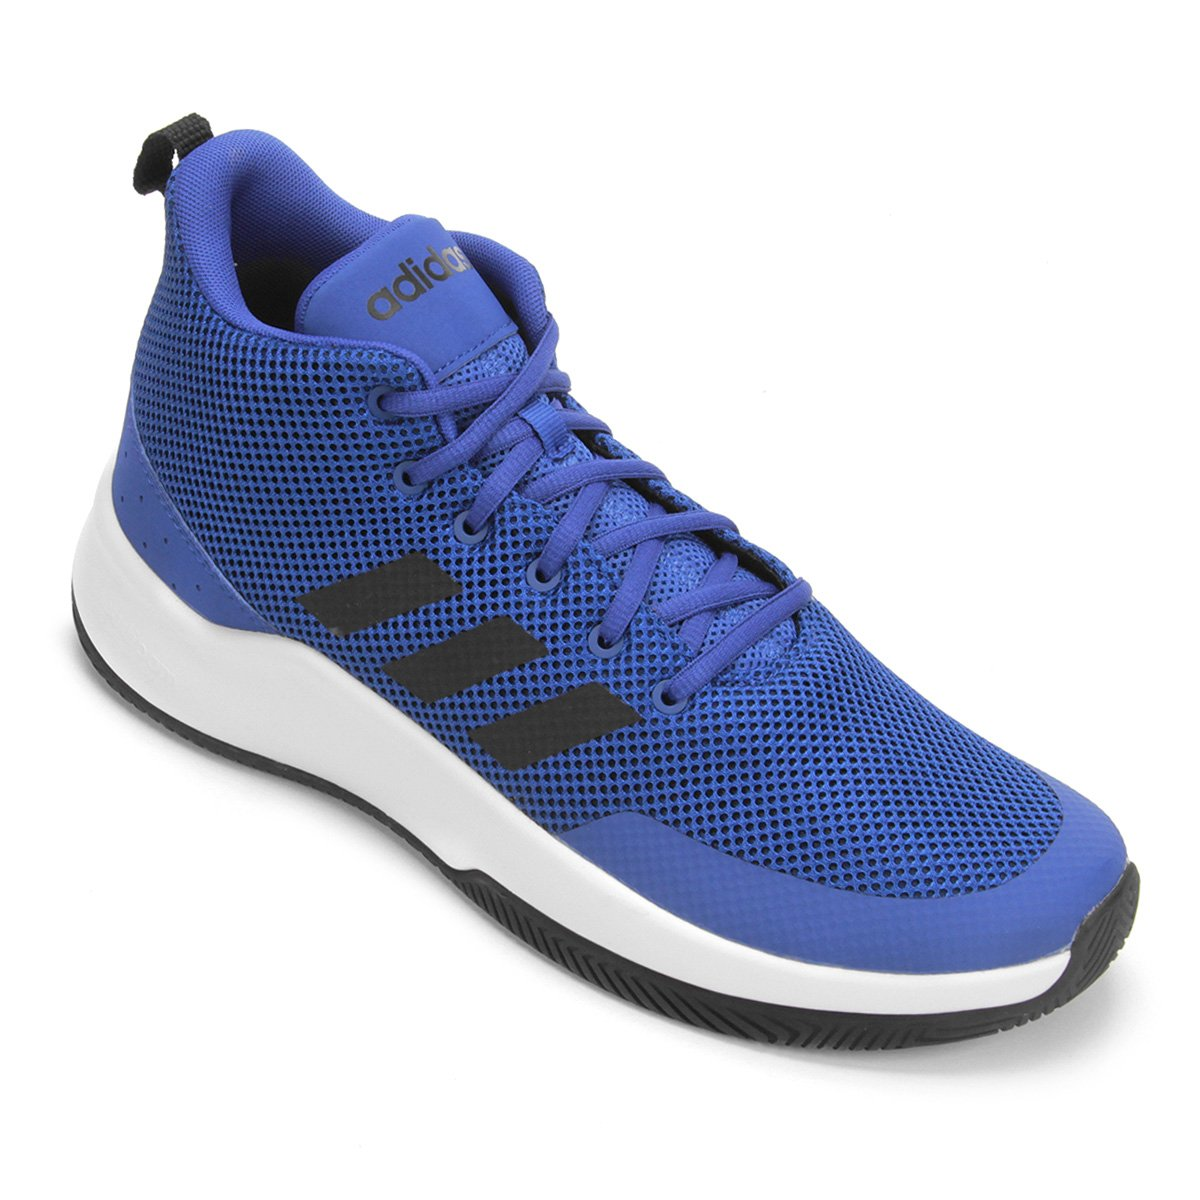 a30407a3588 Tênis Adidas Spd End2End Masculino - Azul e Preto - Compre Agora ...